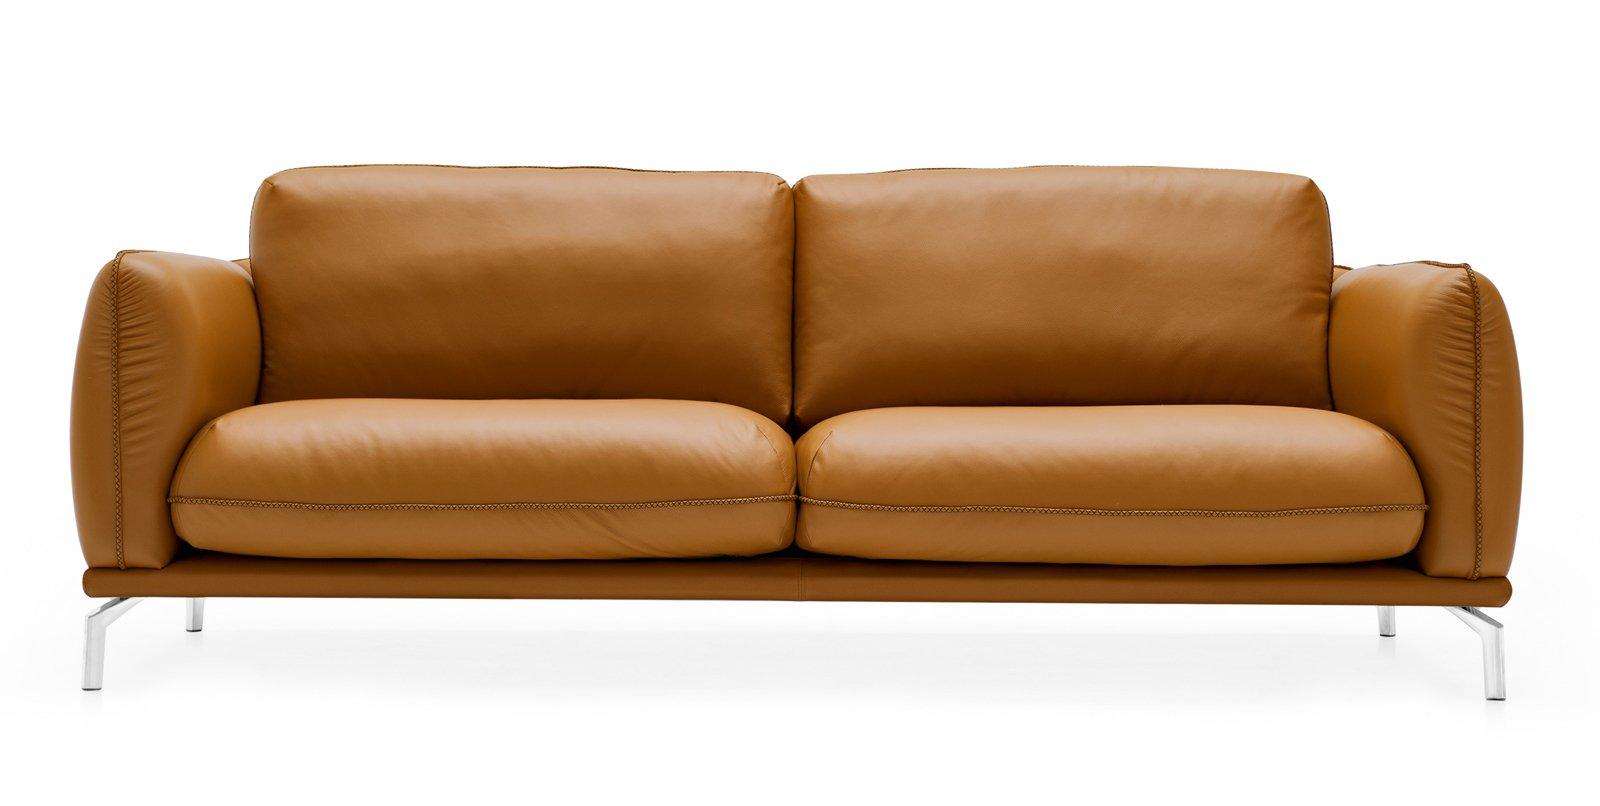 il divano taylor di calligaris a due posti maxi con rivestimento in pelle emotion